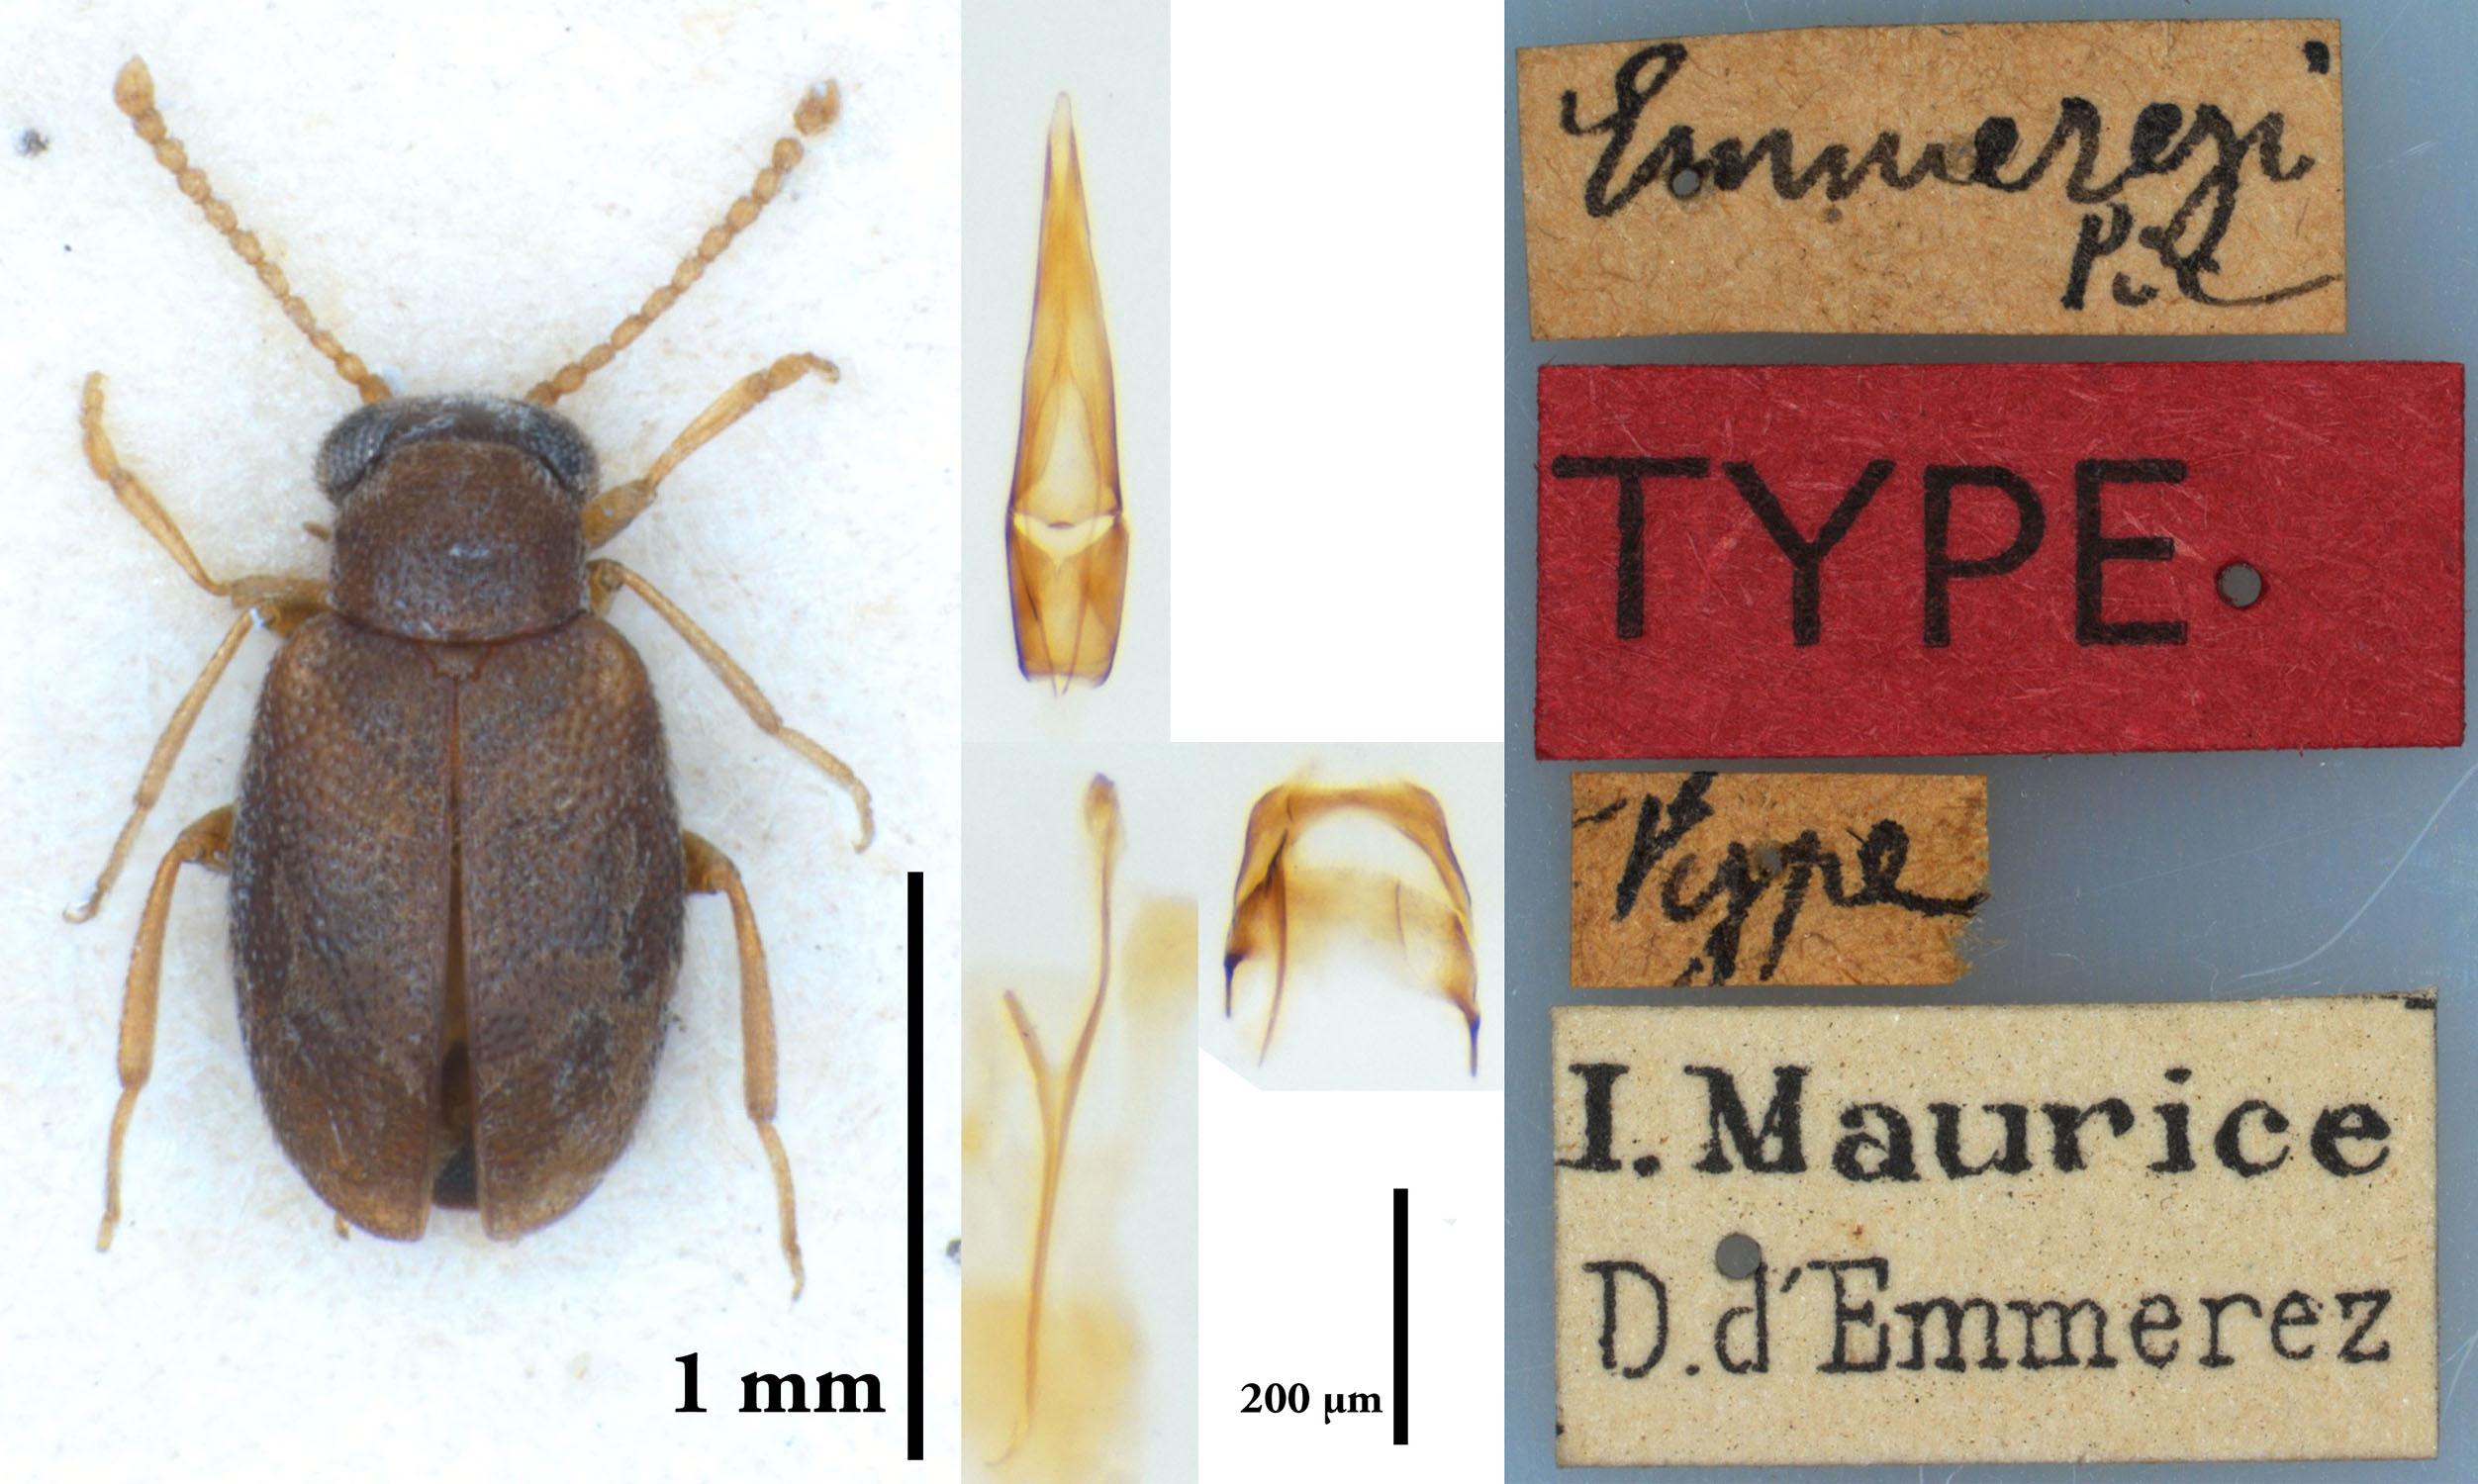 NGo1452 Mixaderus emmerezi type